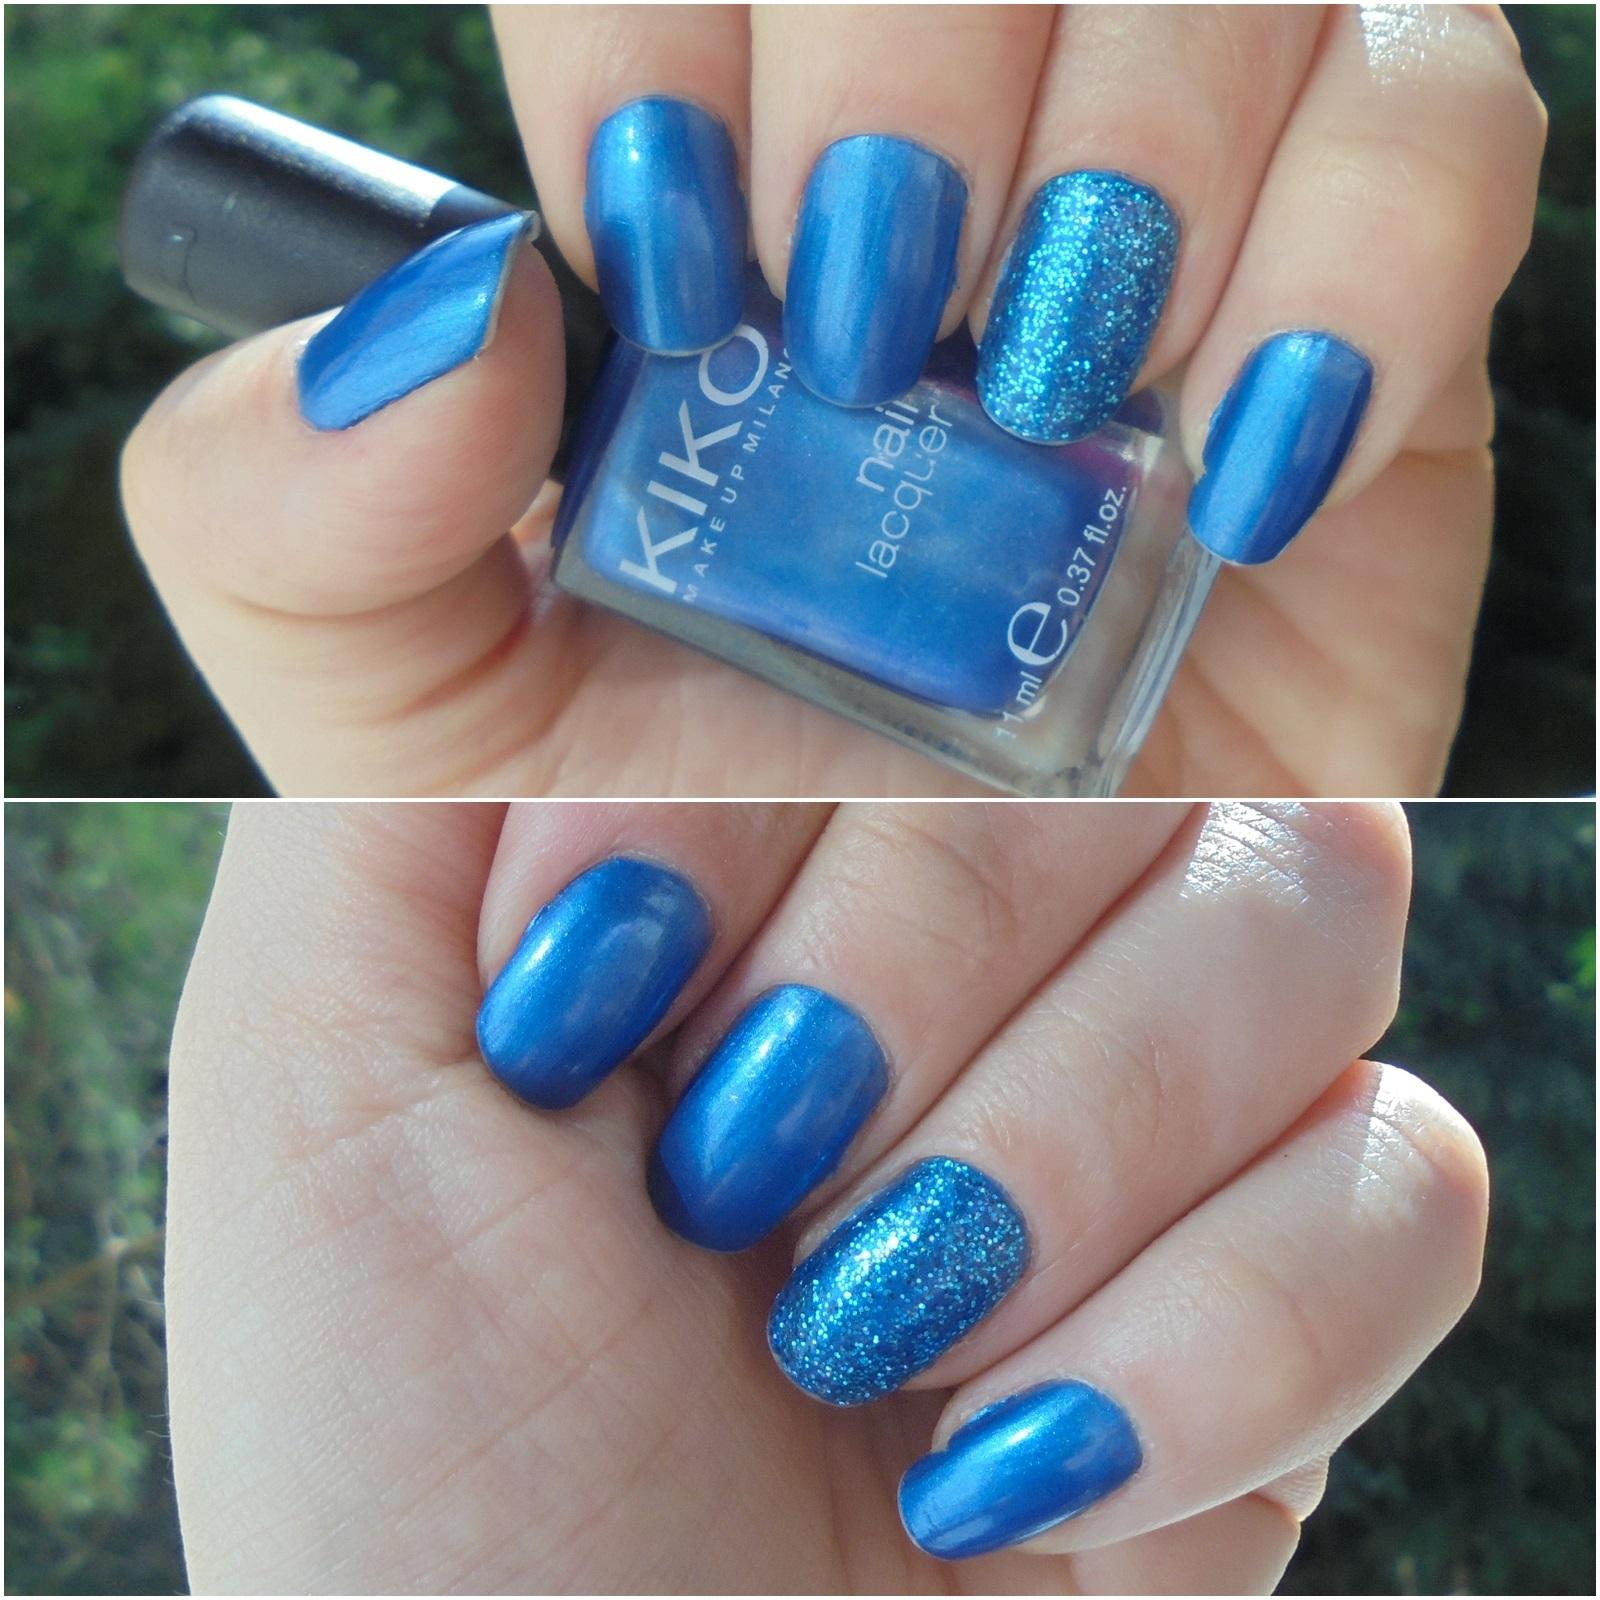 unhas-da-semana-kiko-cosmetics-nail-lacquer-267-5